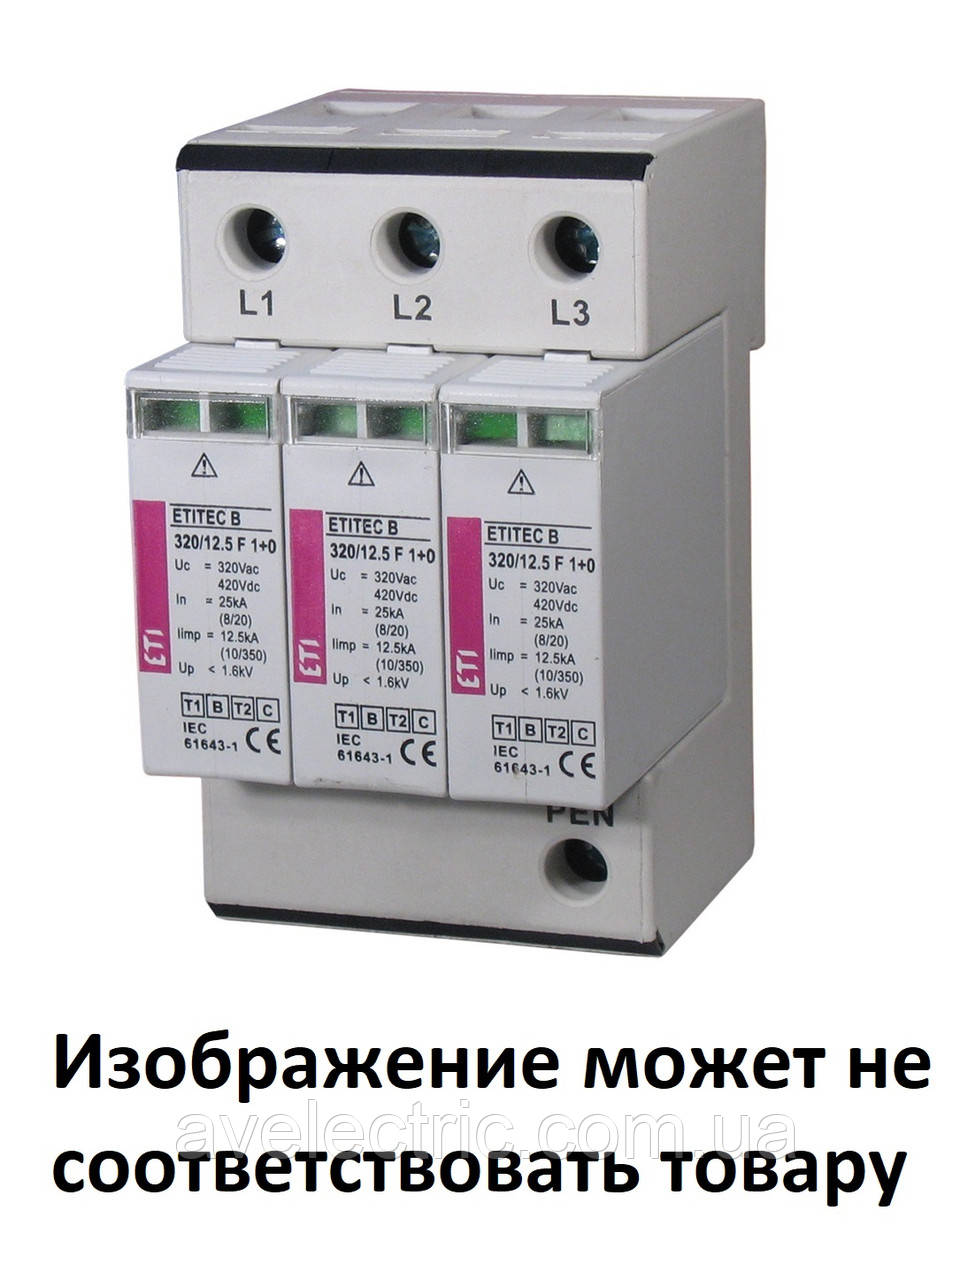 Ограничитель перенапряжения ETITEC V 2T2 255/20 (1+1)